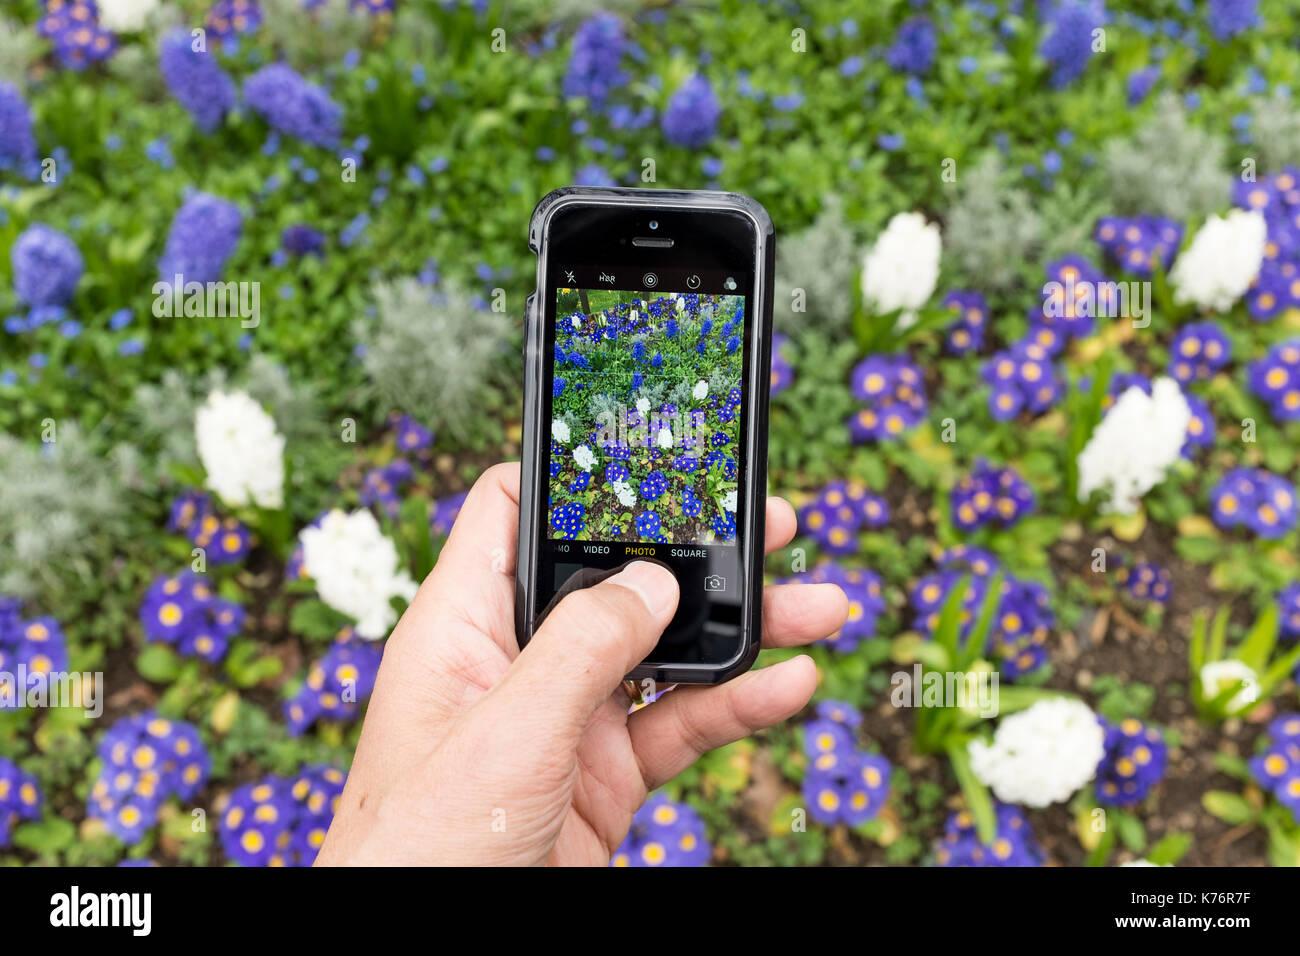 Un maschio di prendere foto di Hyacynth (Asparagaceae, Scilloideae) e polyanthus (Crescendo sfumature di blu) con un iPhone se lo smartphone Immagini Stock